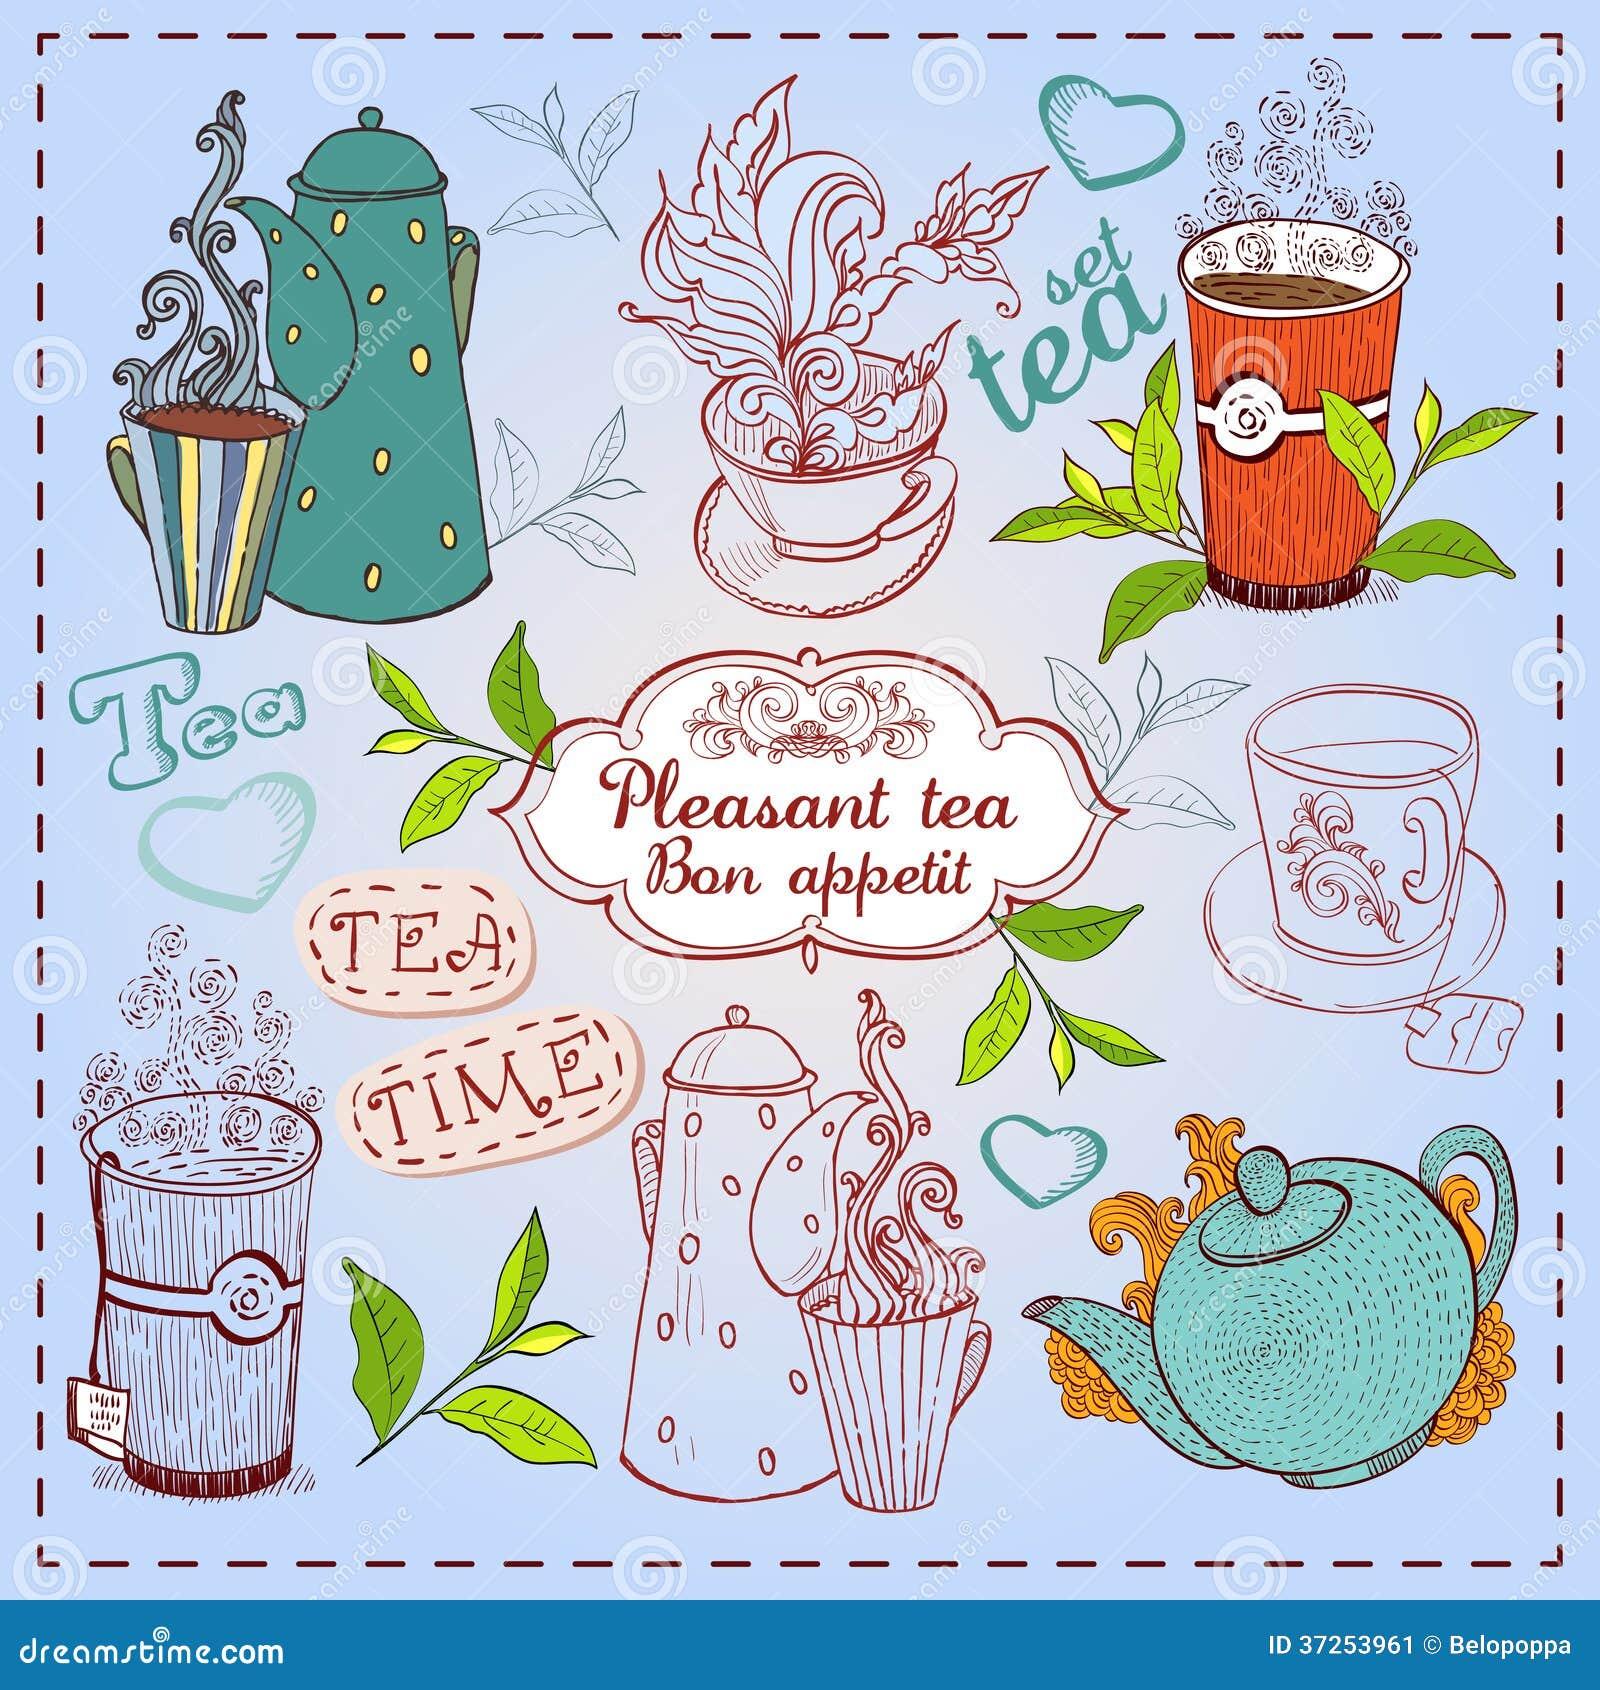 逗人喜爱的手拉的茶壶,杯子和杯形蛋糕.图片